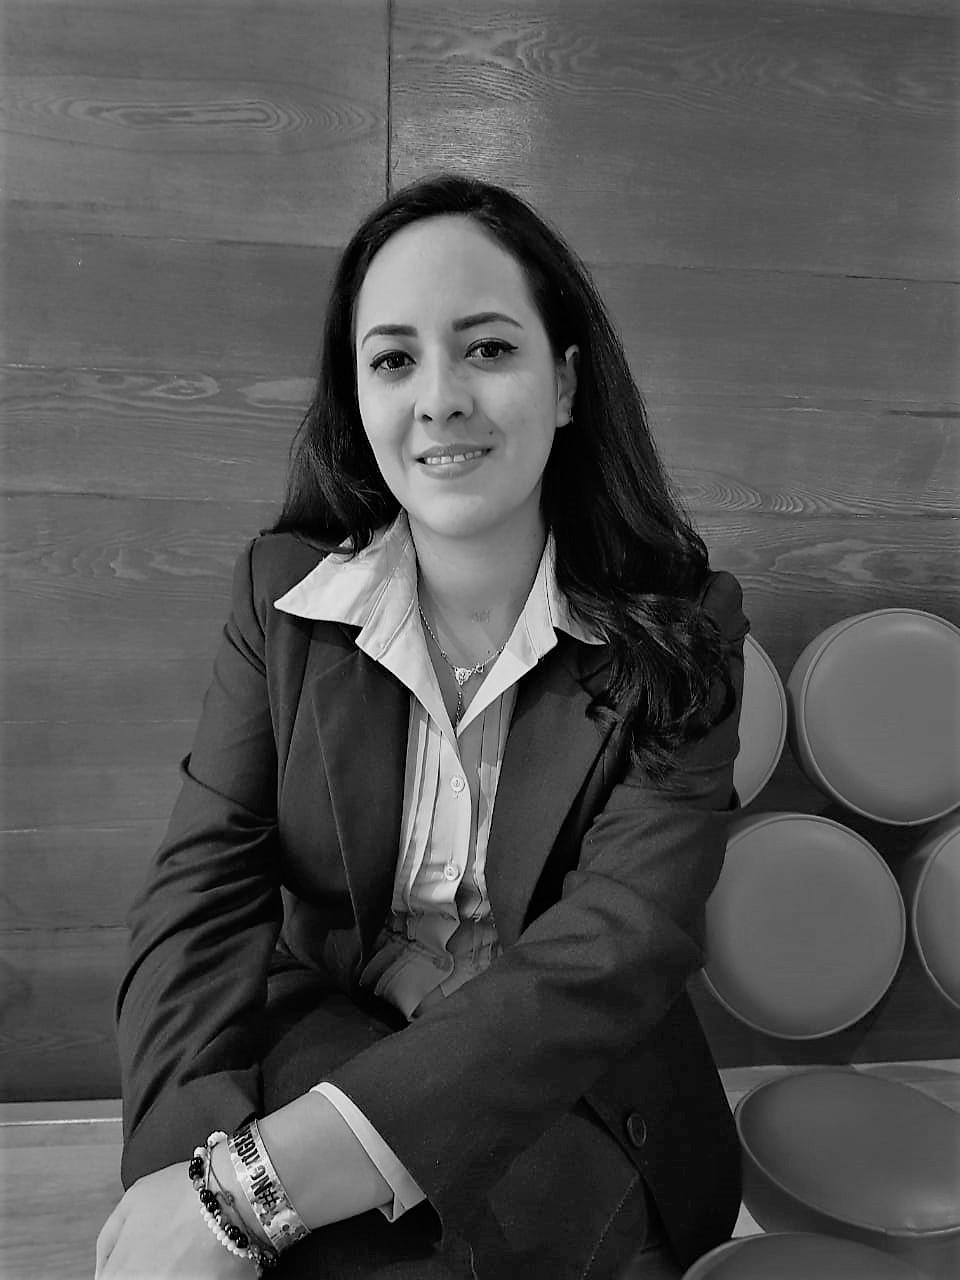 Andrea Elizabeth Peza